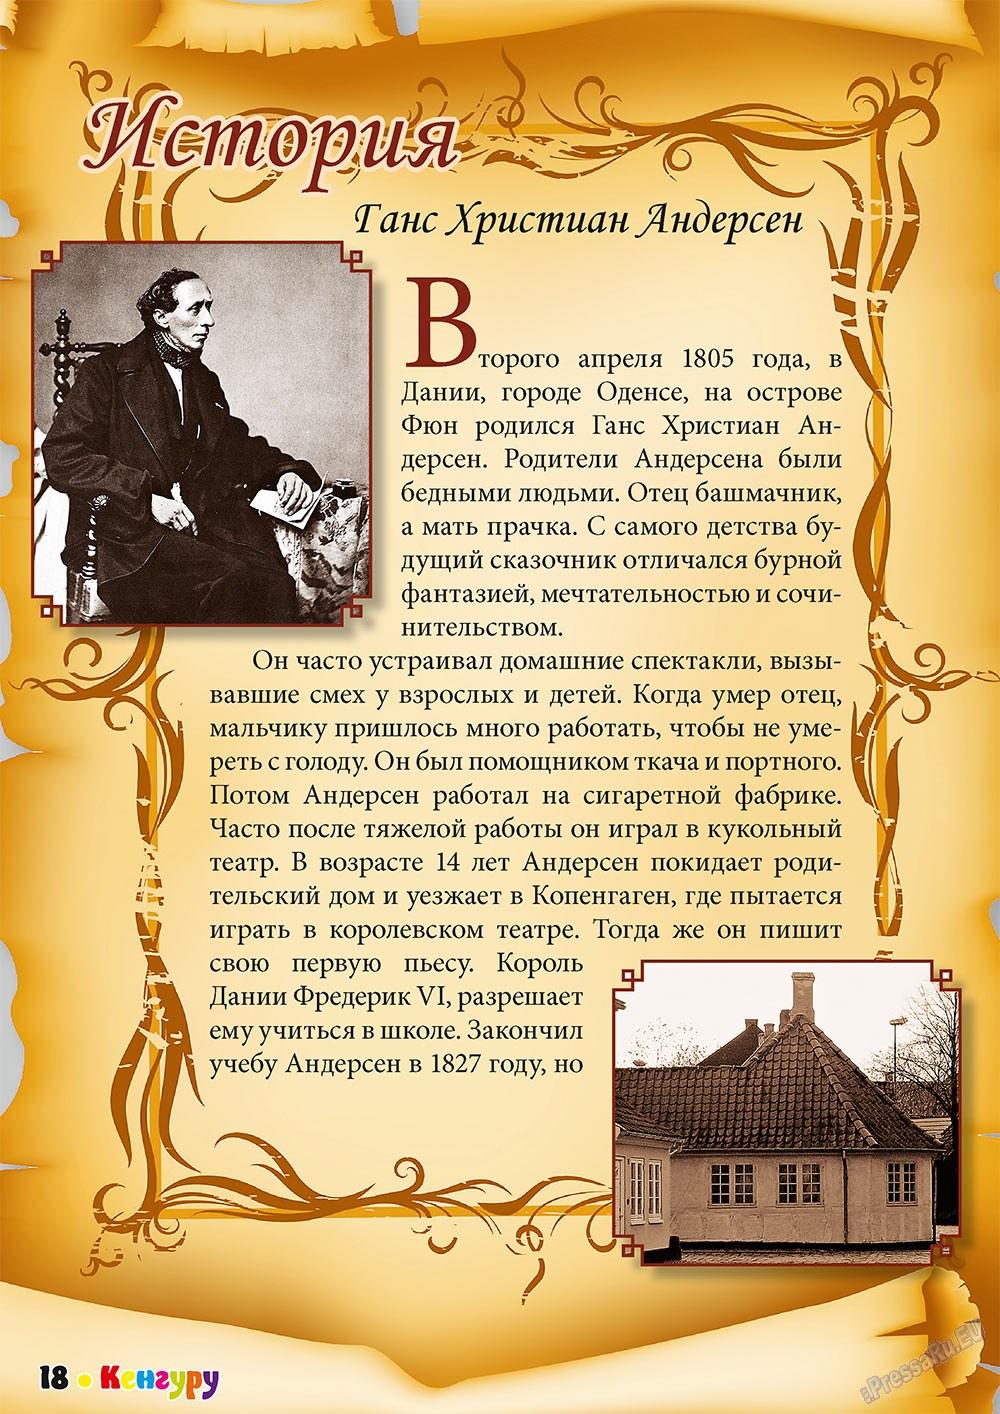 Кенгуру (журнал). 2010 год, номер 1, стр. 18